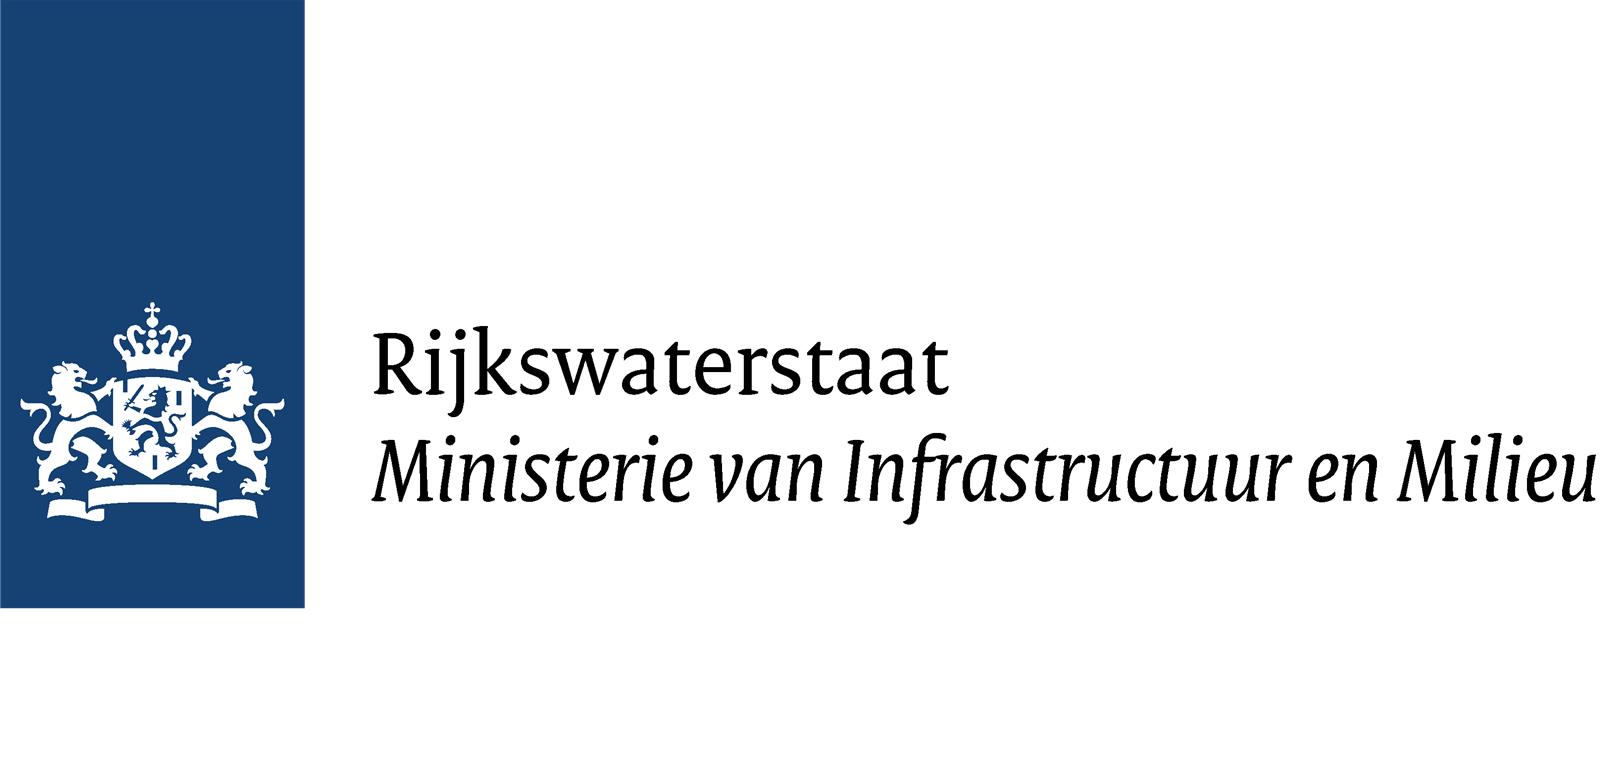 Rijkswaterstaat-logo